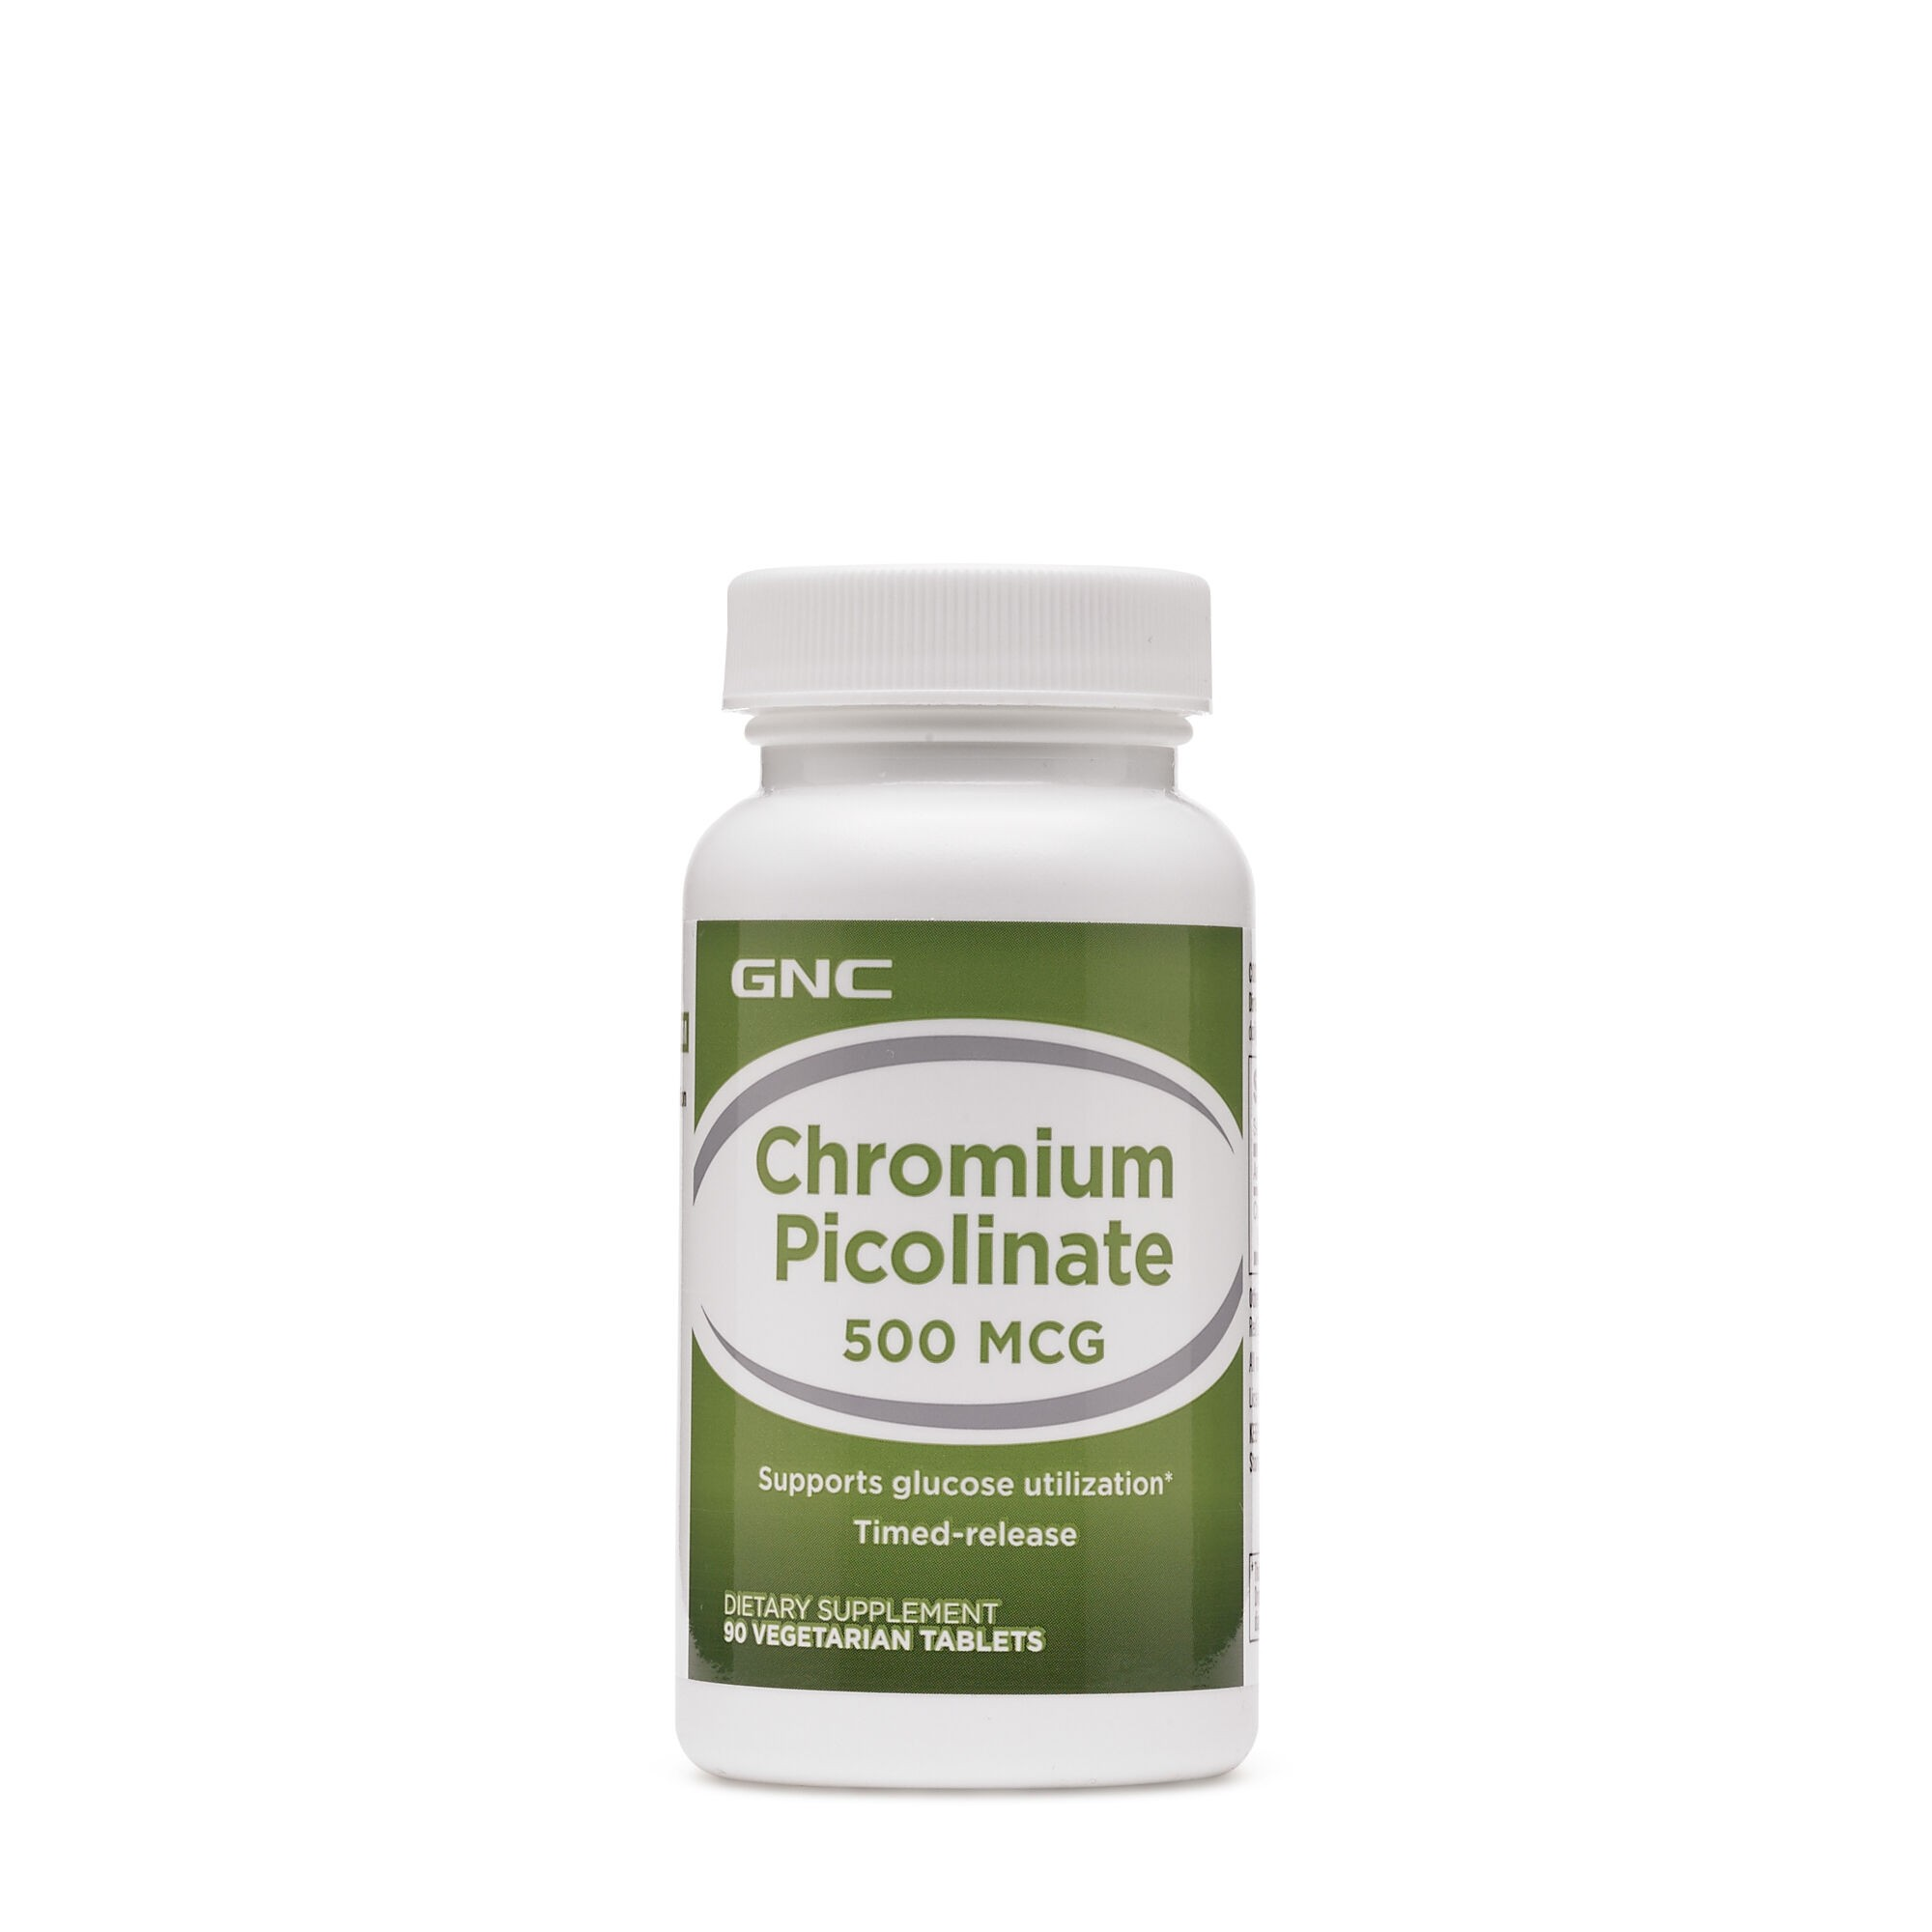 GNC Chromium Picolinate 500 mcg, Crom Picolinat, 90 tb